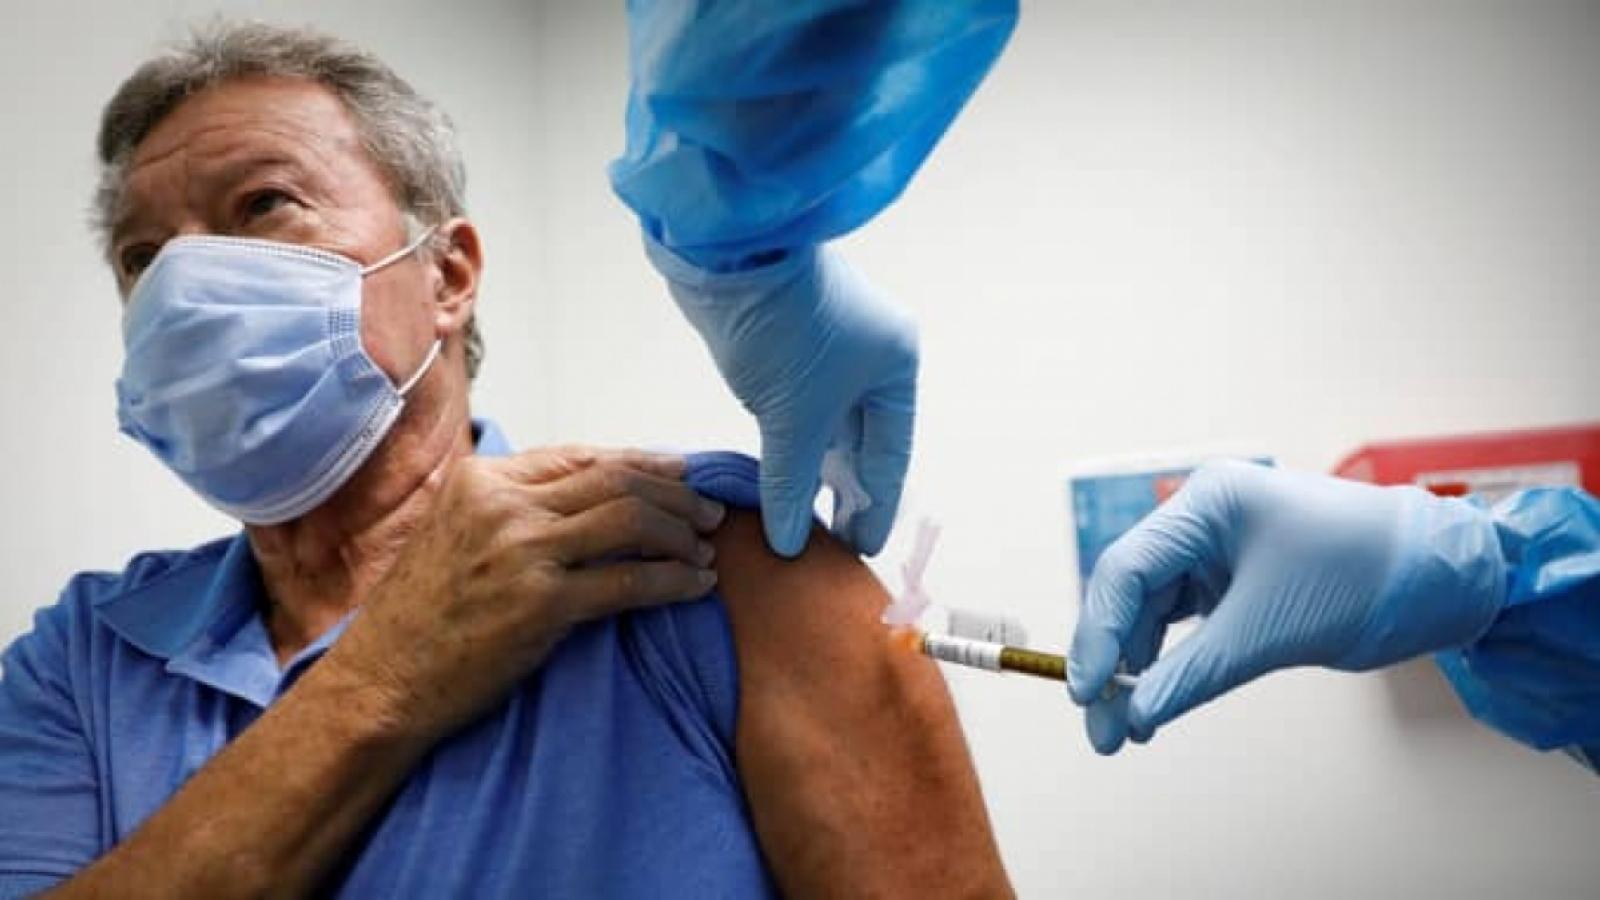 """Mỹ trước """"cuộc chiến"""" thuyết phục người dân tiêm vaccine Covid-19"""